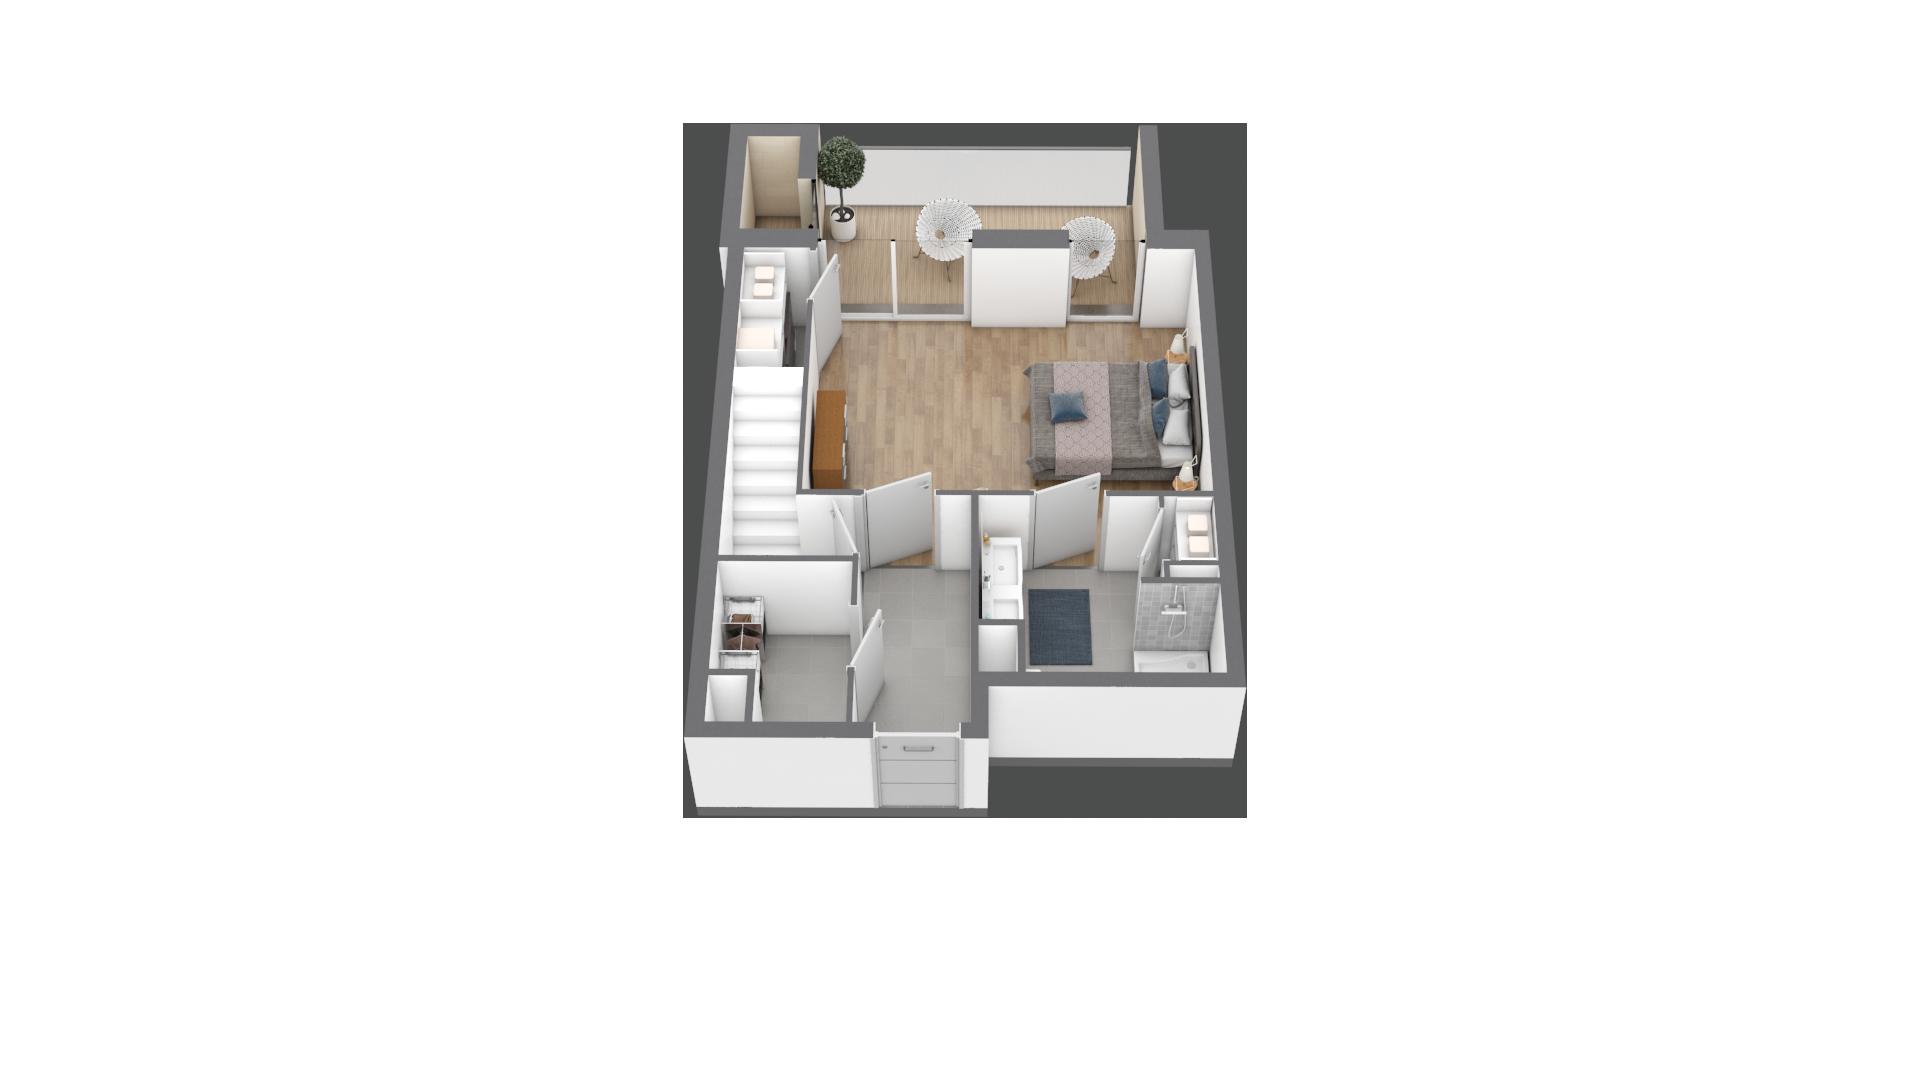 appartement B302 de type T5